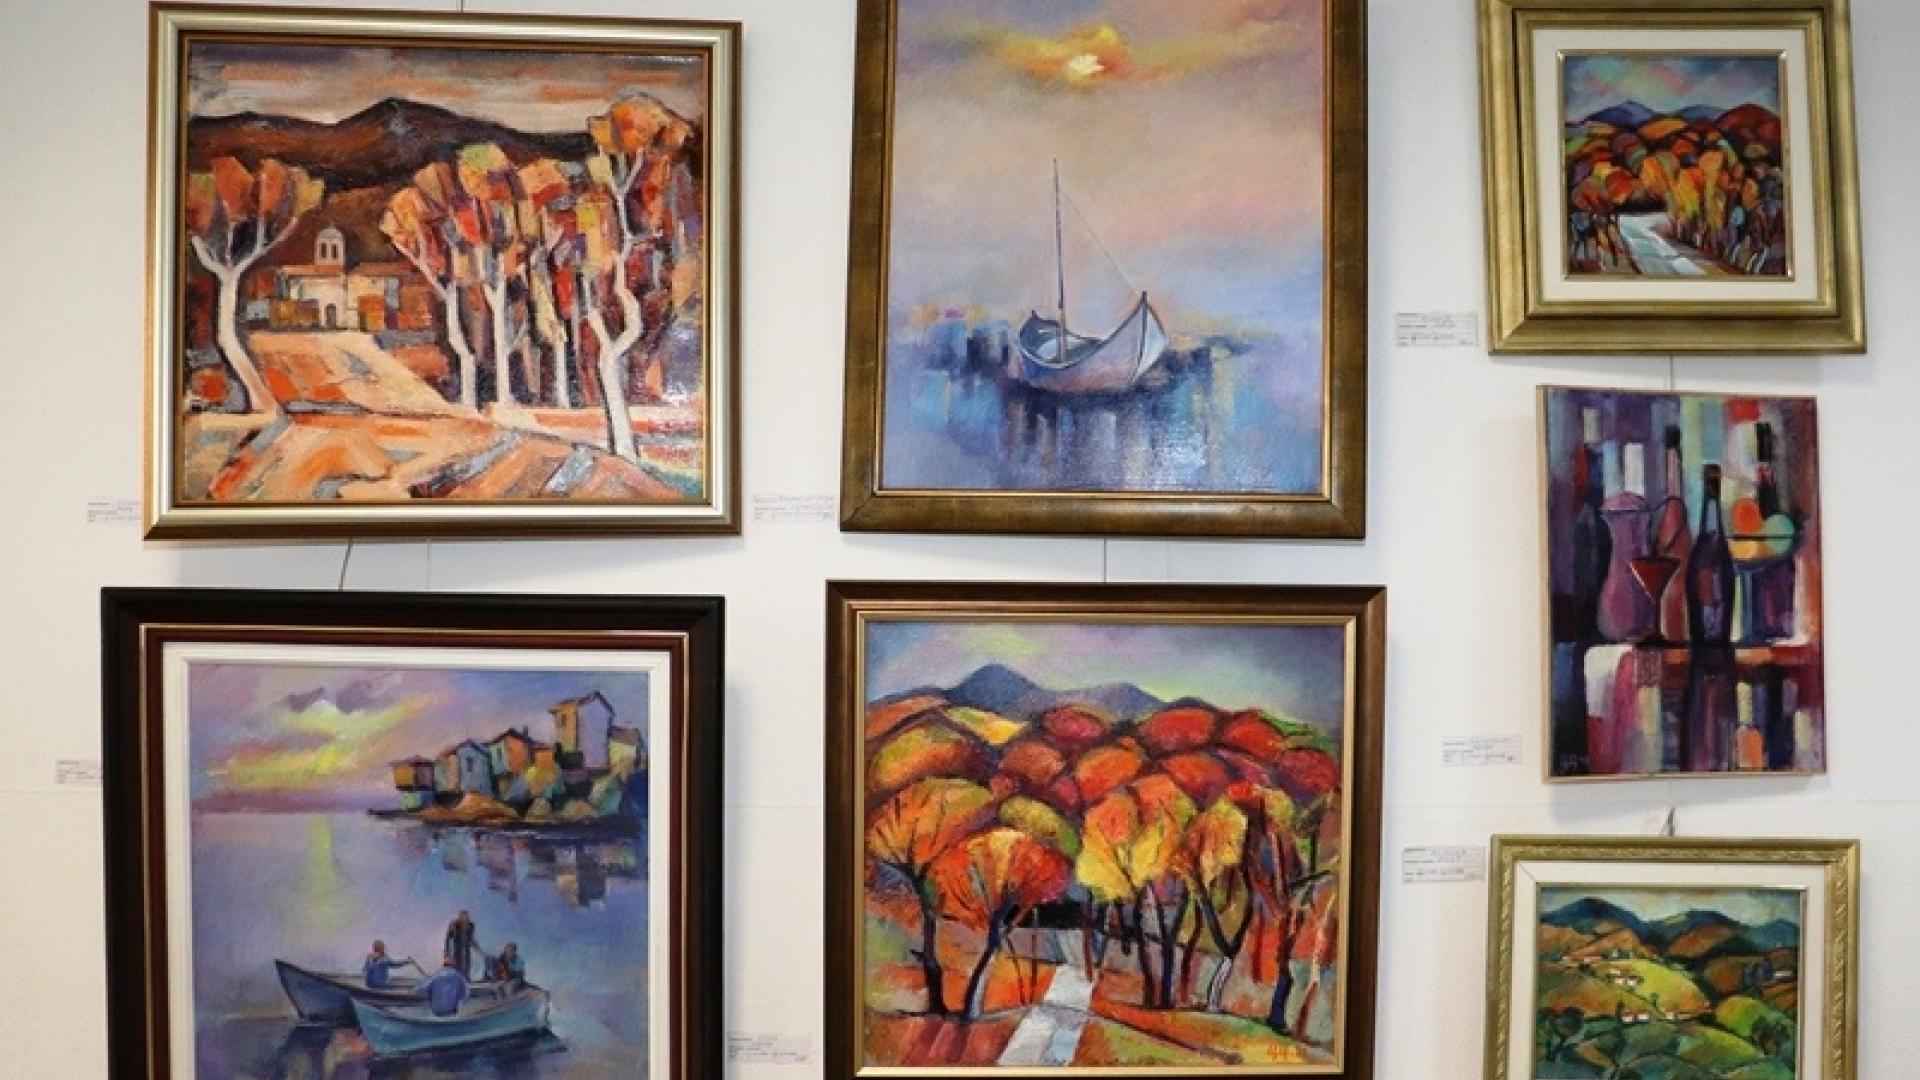 Изложба посветена на любовта, виното и традициите очаква русенци в малката изложбена зала